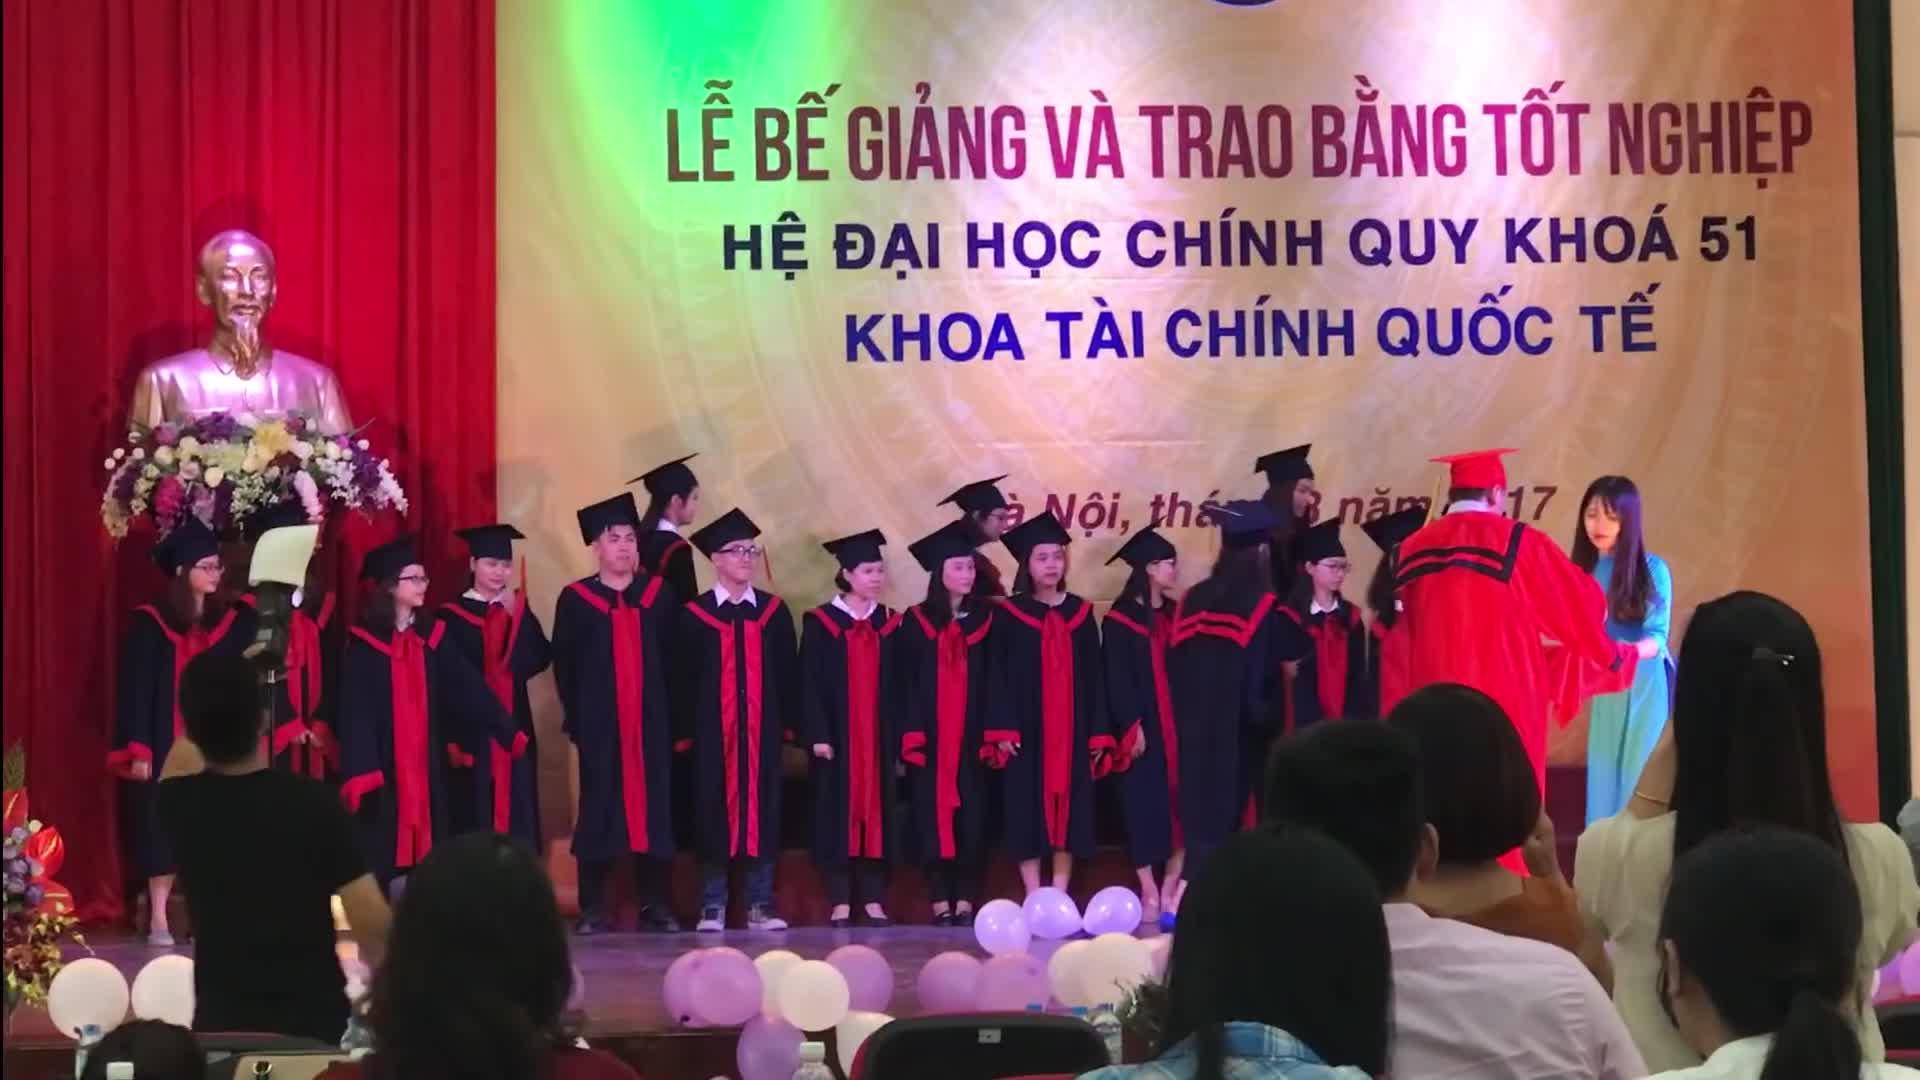 Hậu Hoàng lầy lội trong ngày tốt nghiệp đại học